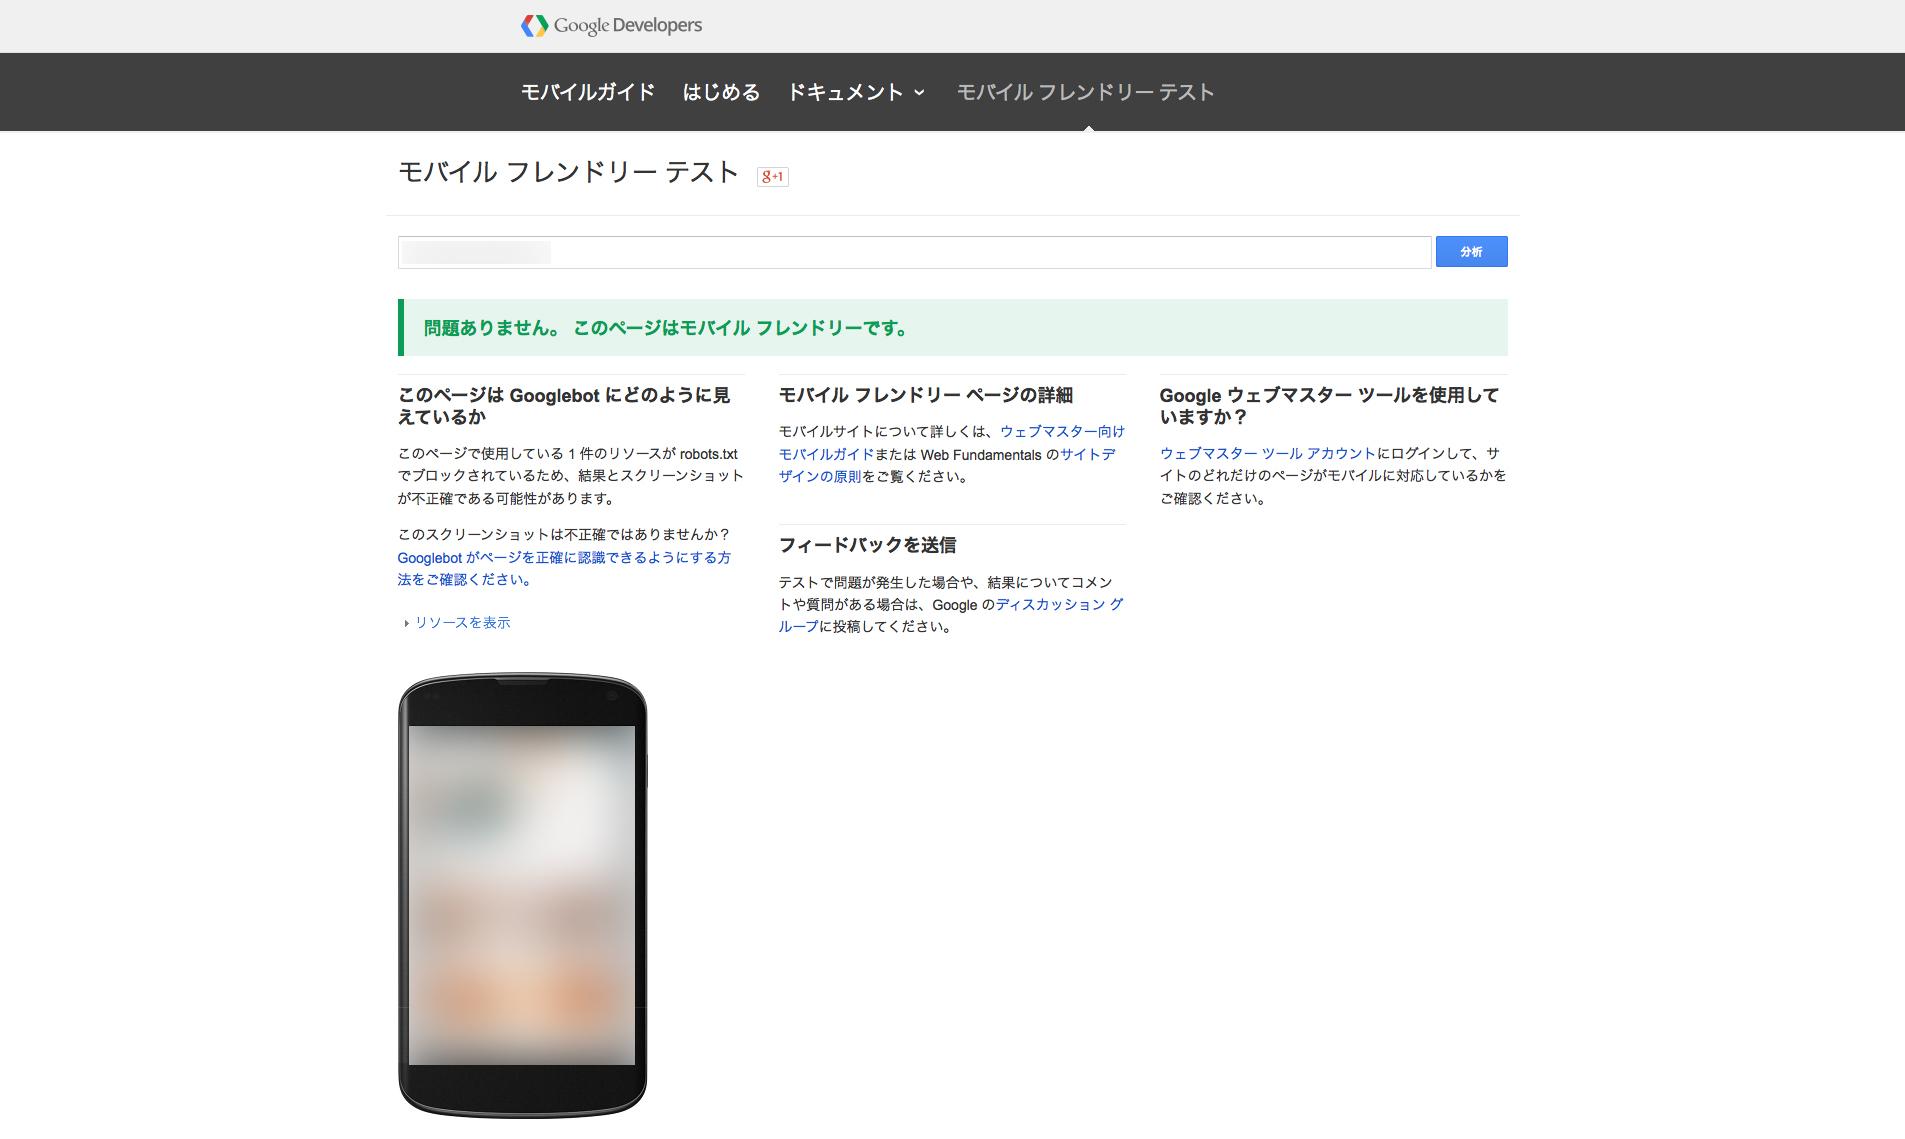 モバイルフレンドリーツール、問題なしバージョン